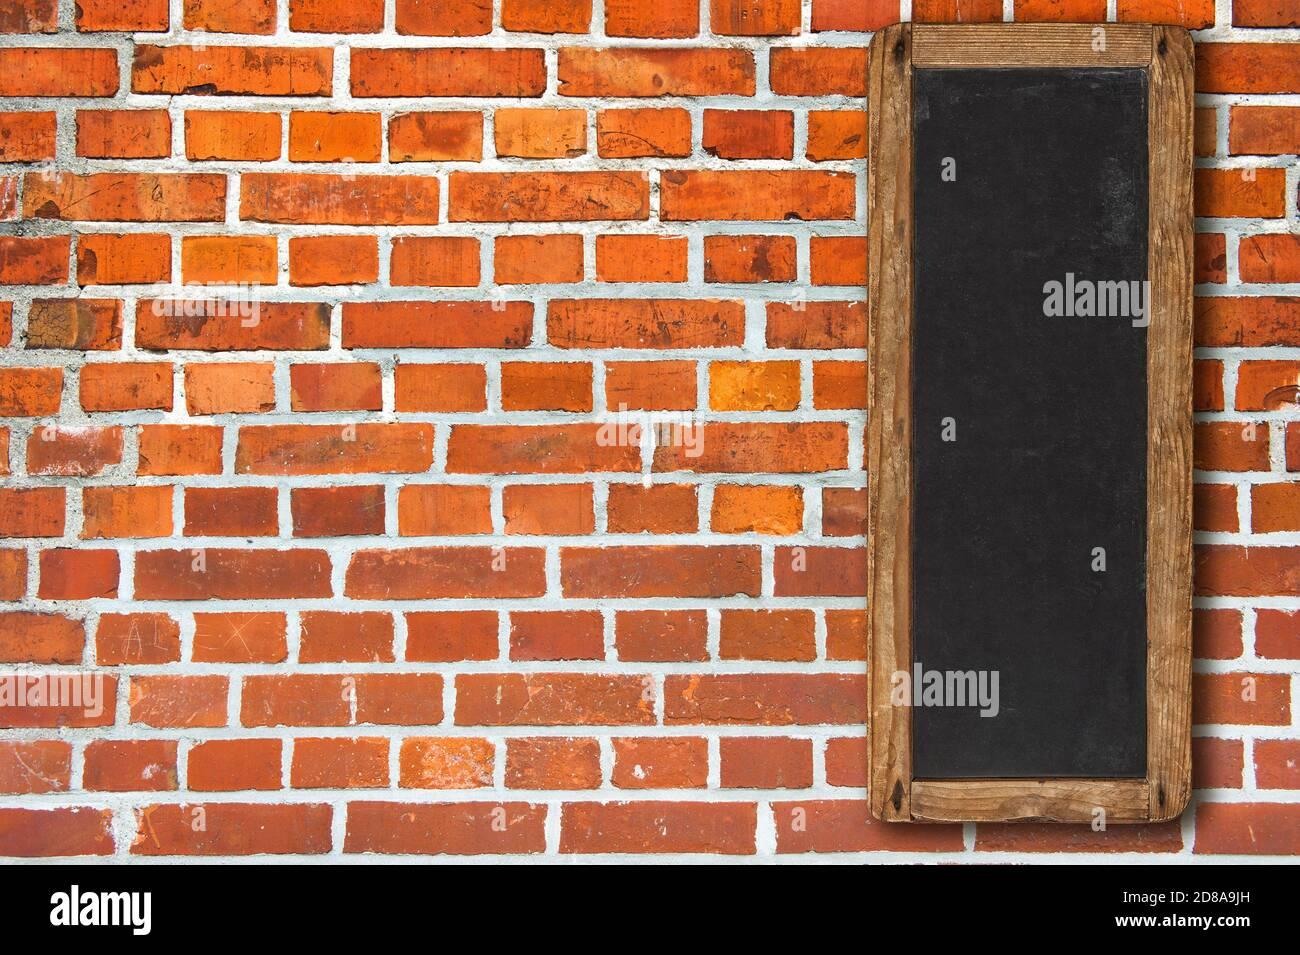 Mur en brique rouge avec panneau noir vertical vintage Banque D'Images